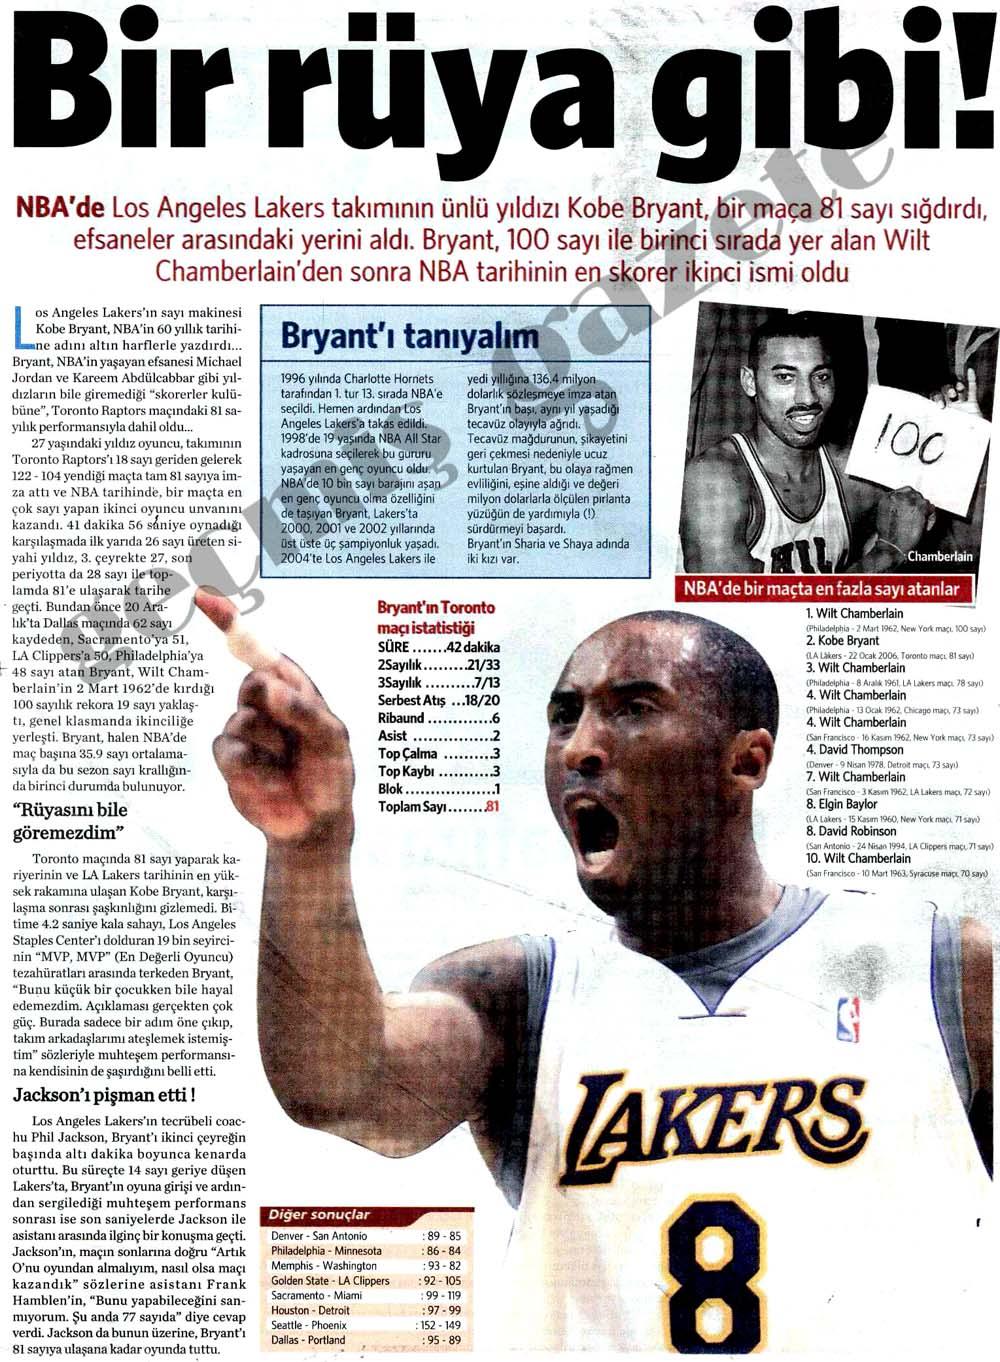 Kobe Bryant, bir maça 81 sayı sığdırdı, efsaneler arasındaki yerini aldı